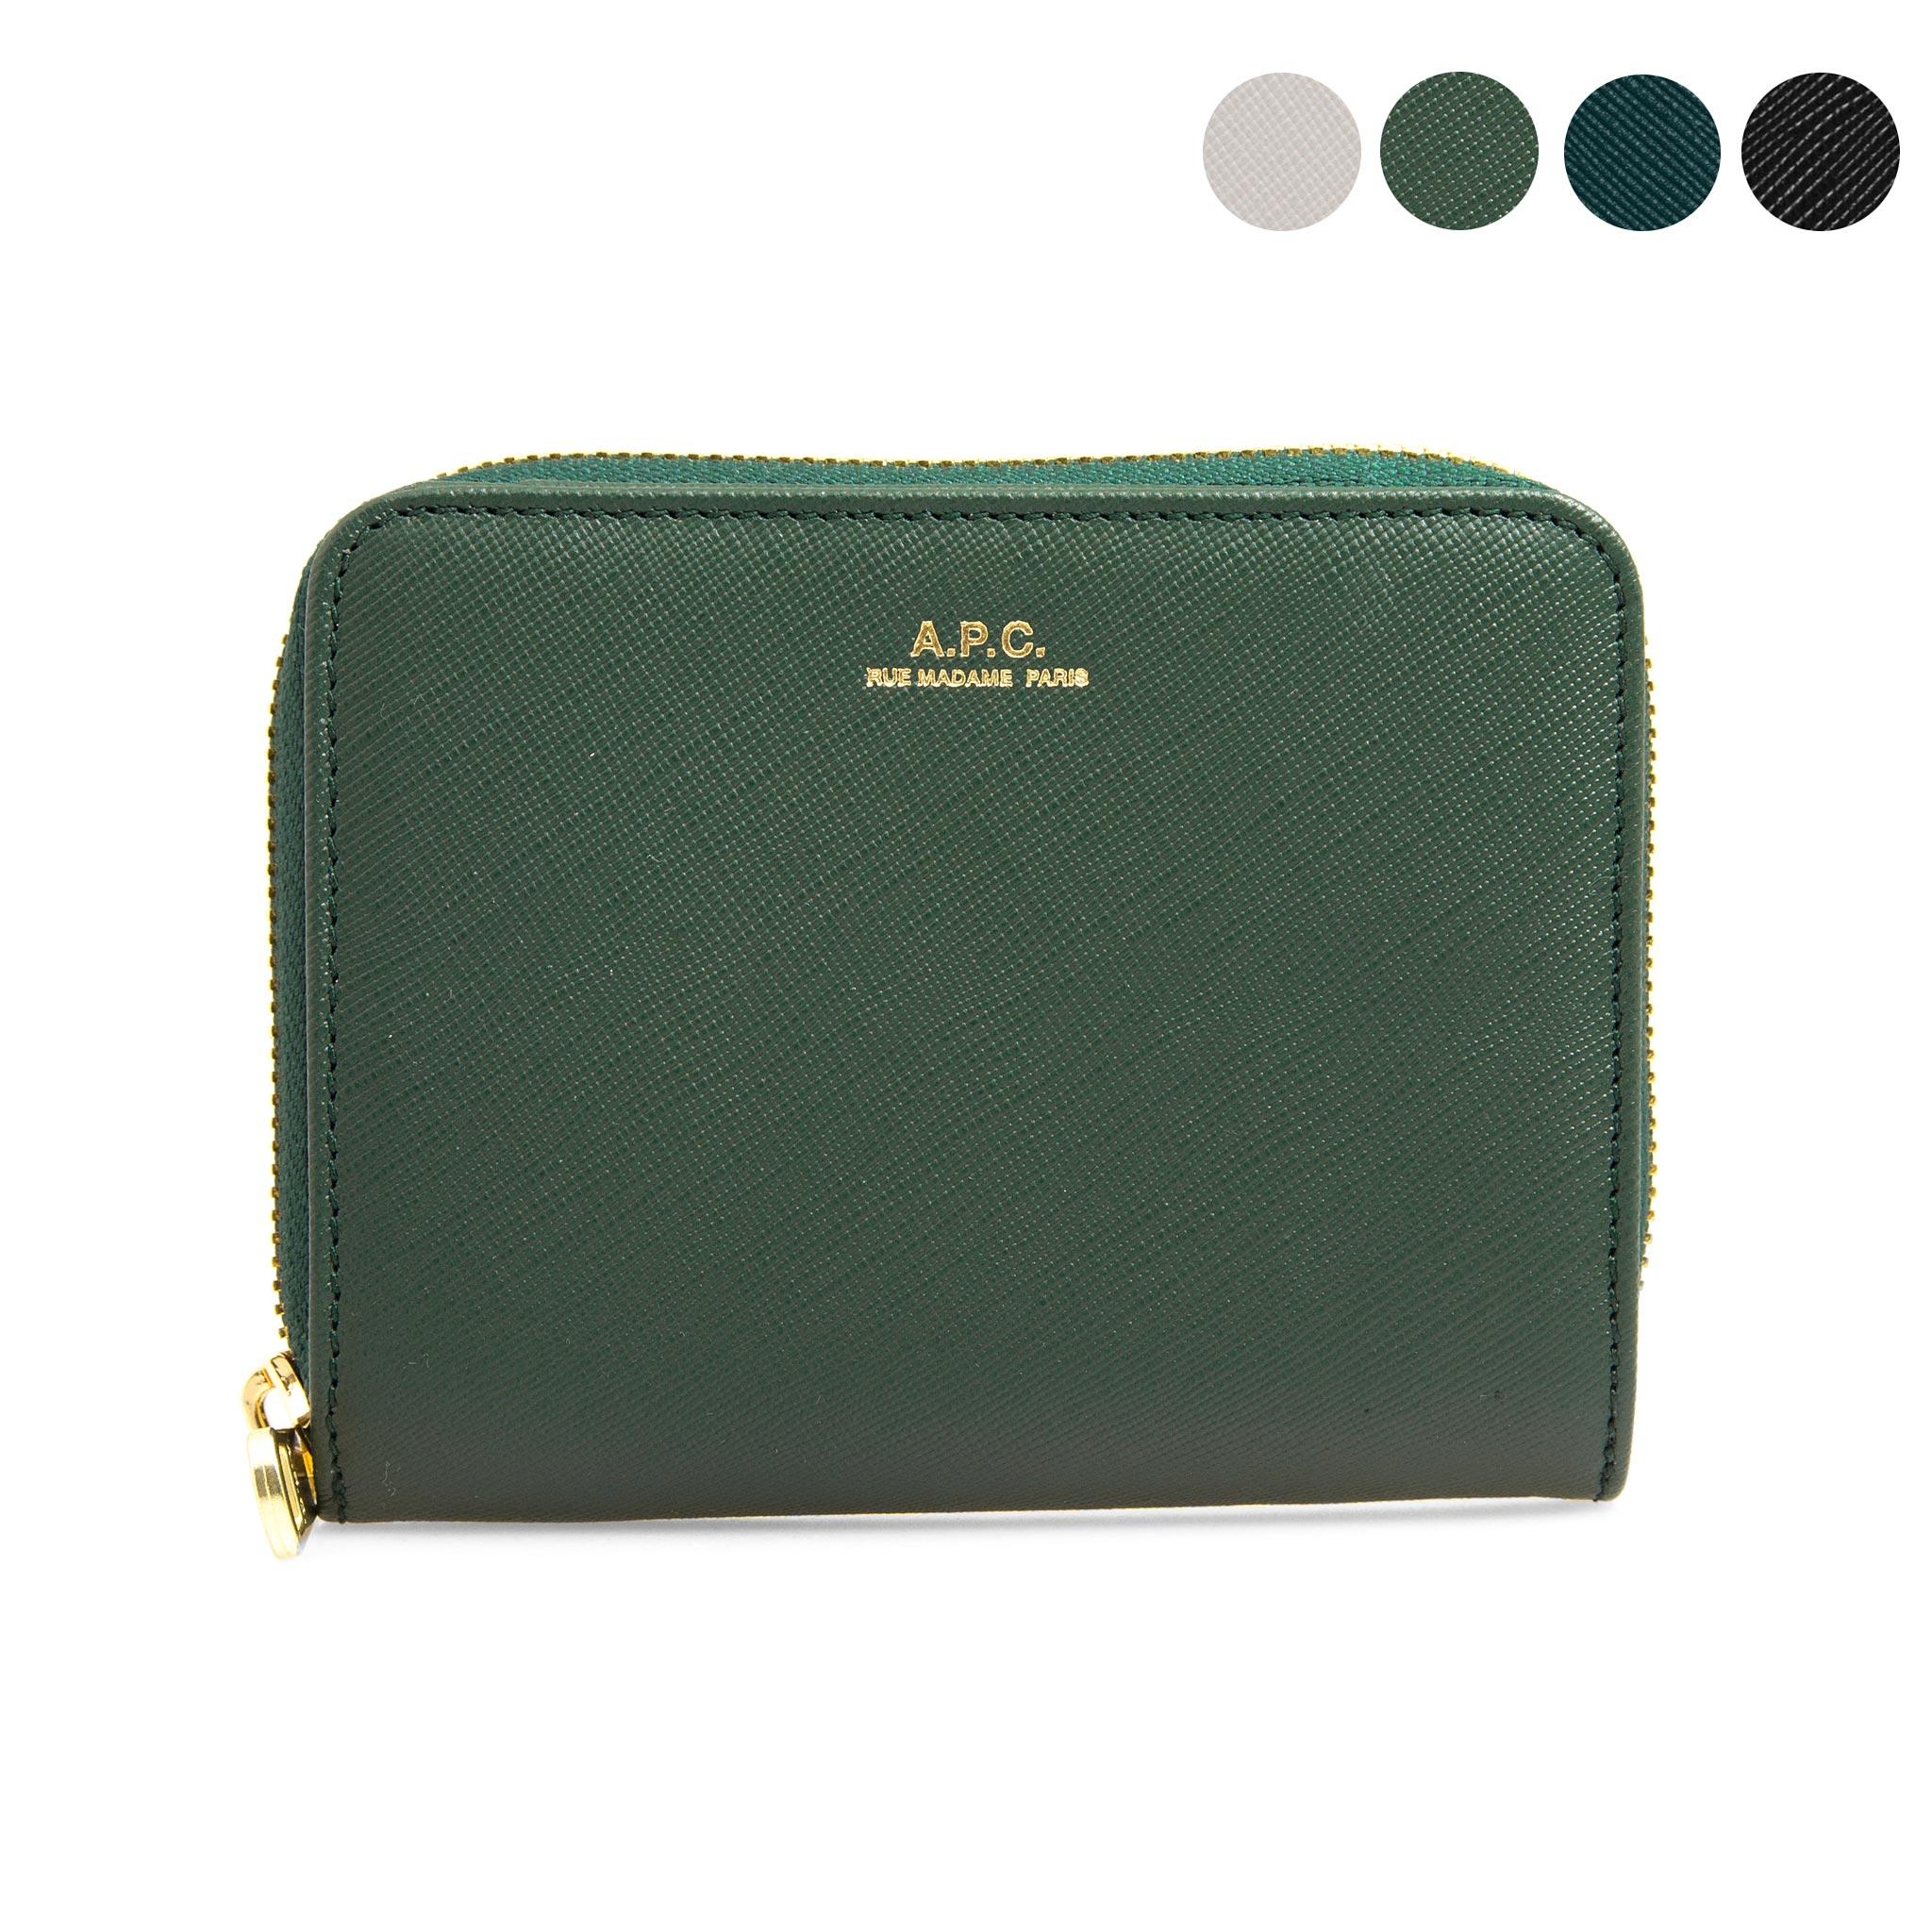 アーペーセー A.P.C. 財布 レディース 二つ折り財布 COMPACT EMMANUELLE PXBJQ F63029 [全3色]